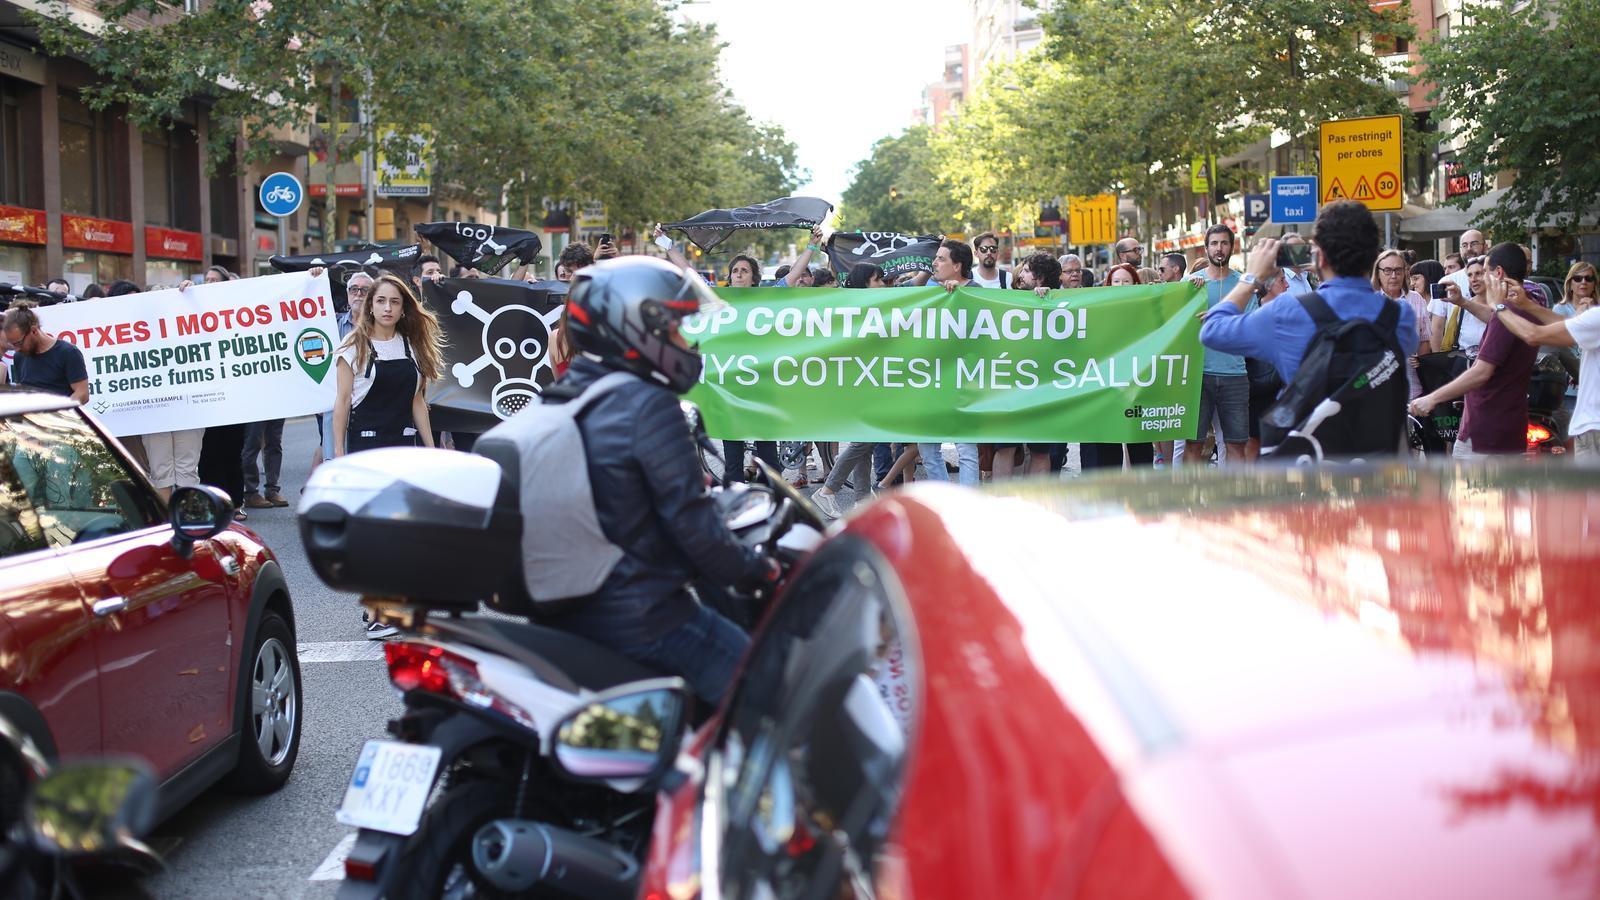 La concentració ha acabat amb el bloqueig del carrer Compte Urgell.